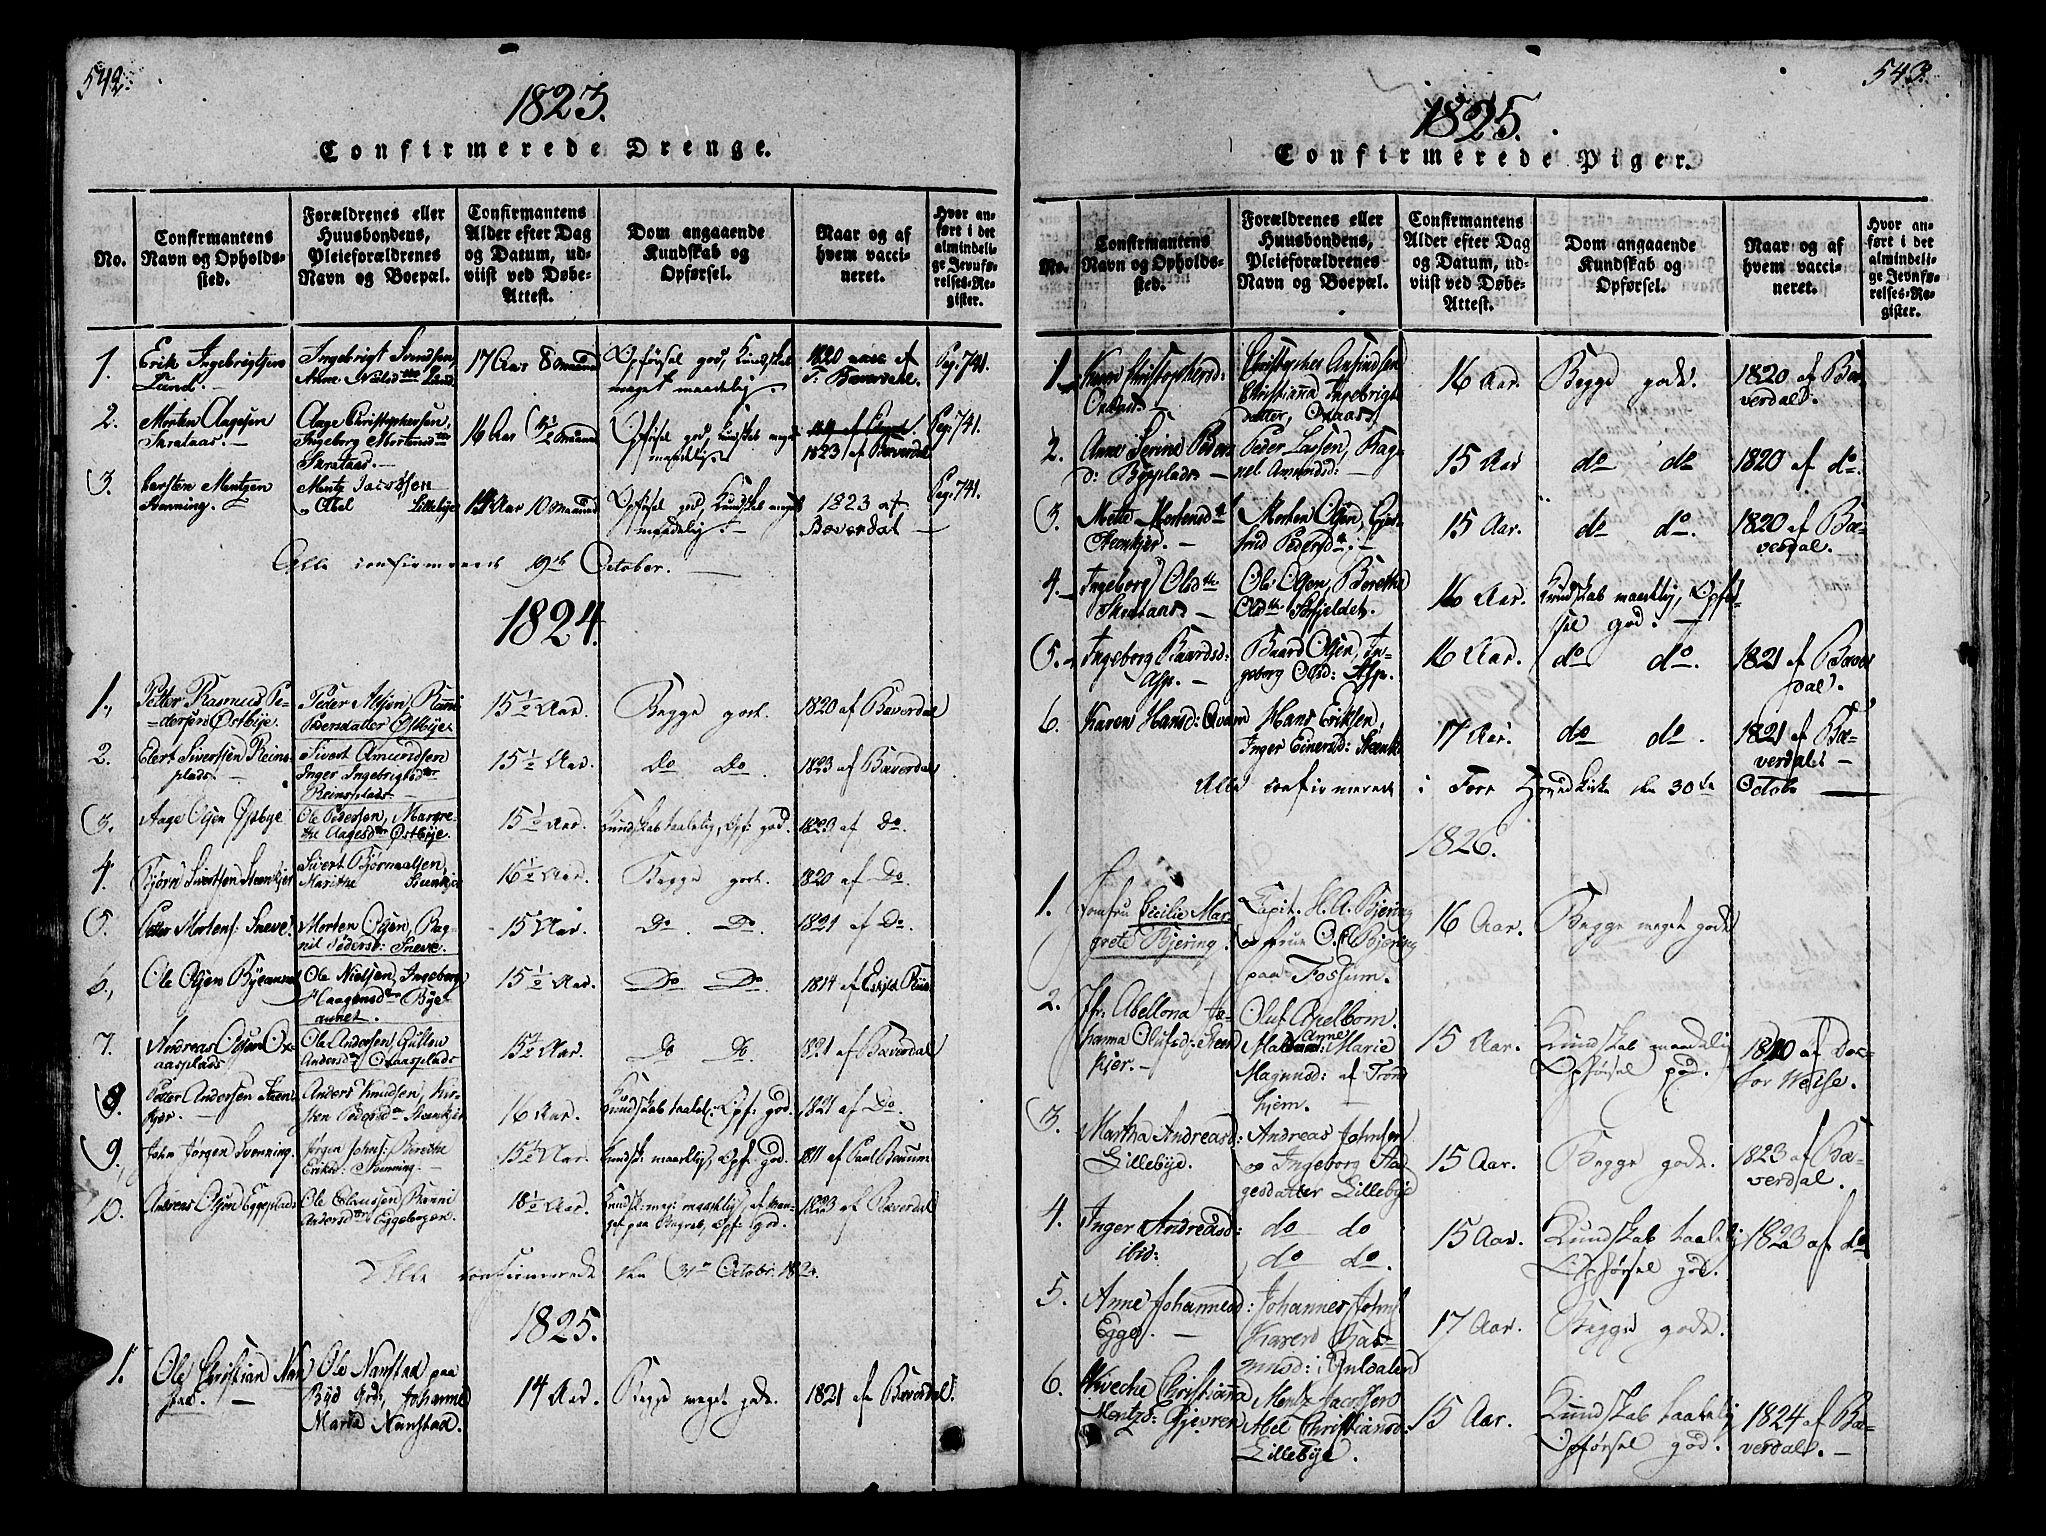 SAT, Ministerialprotokoller, klokkerbøker og fødselsregistre - Nord-Trøndelag, 746/L0441: Ministerialbok nr. 736A03 /3, 1816-1827, s. 542-543